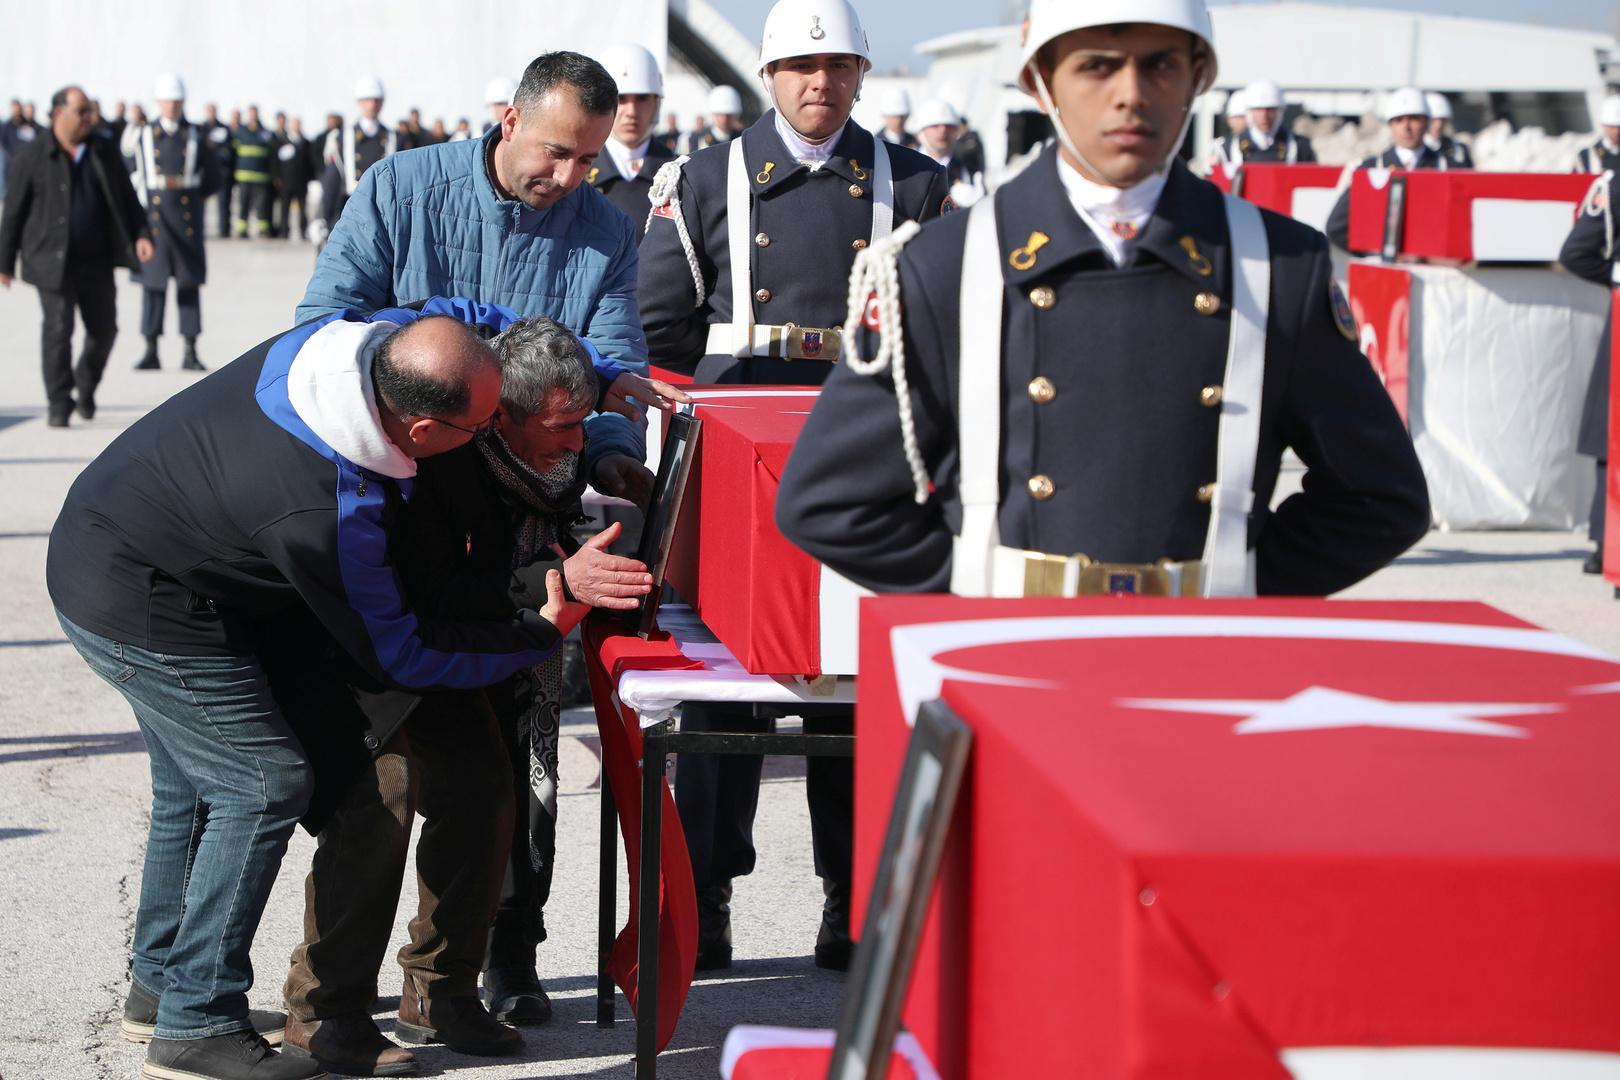 تشييع أحد قتلى الجيش التركي، صورة من الأرشيف